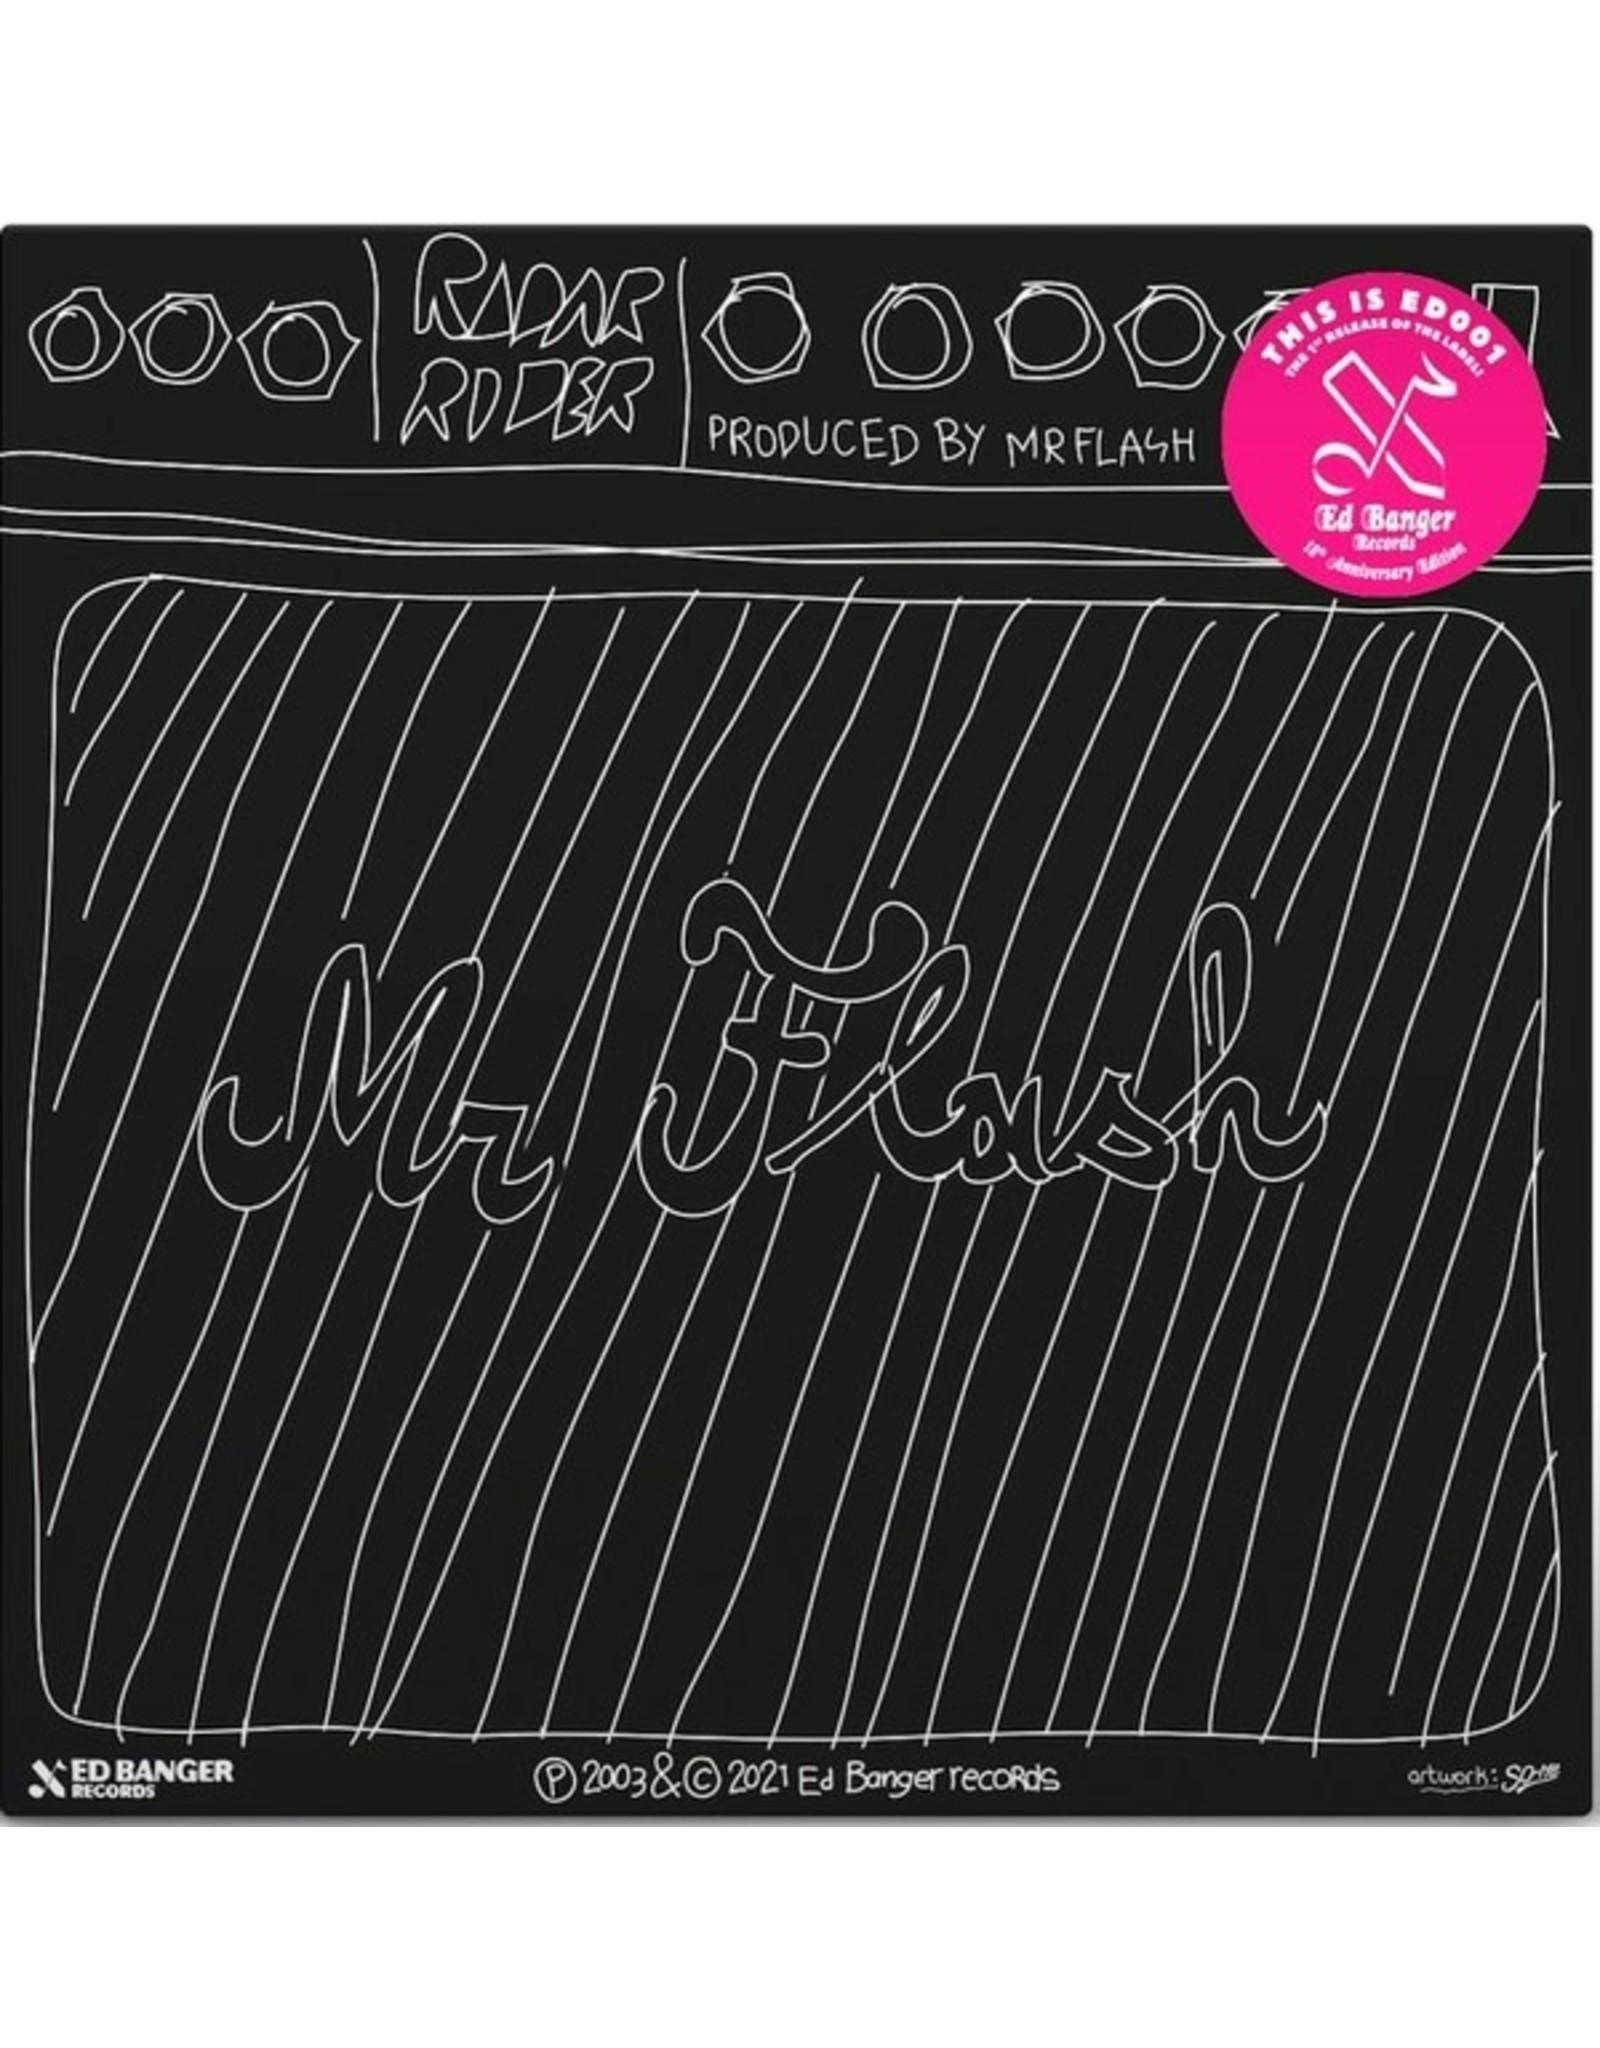 """New Vinyl Mr. Flash / A Bass Day - Radar Rider/F.I.S.T (ED001 18th Anniversary) 12"""""""